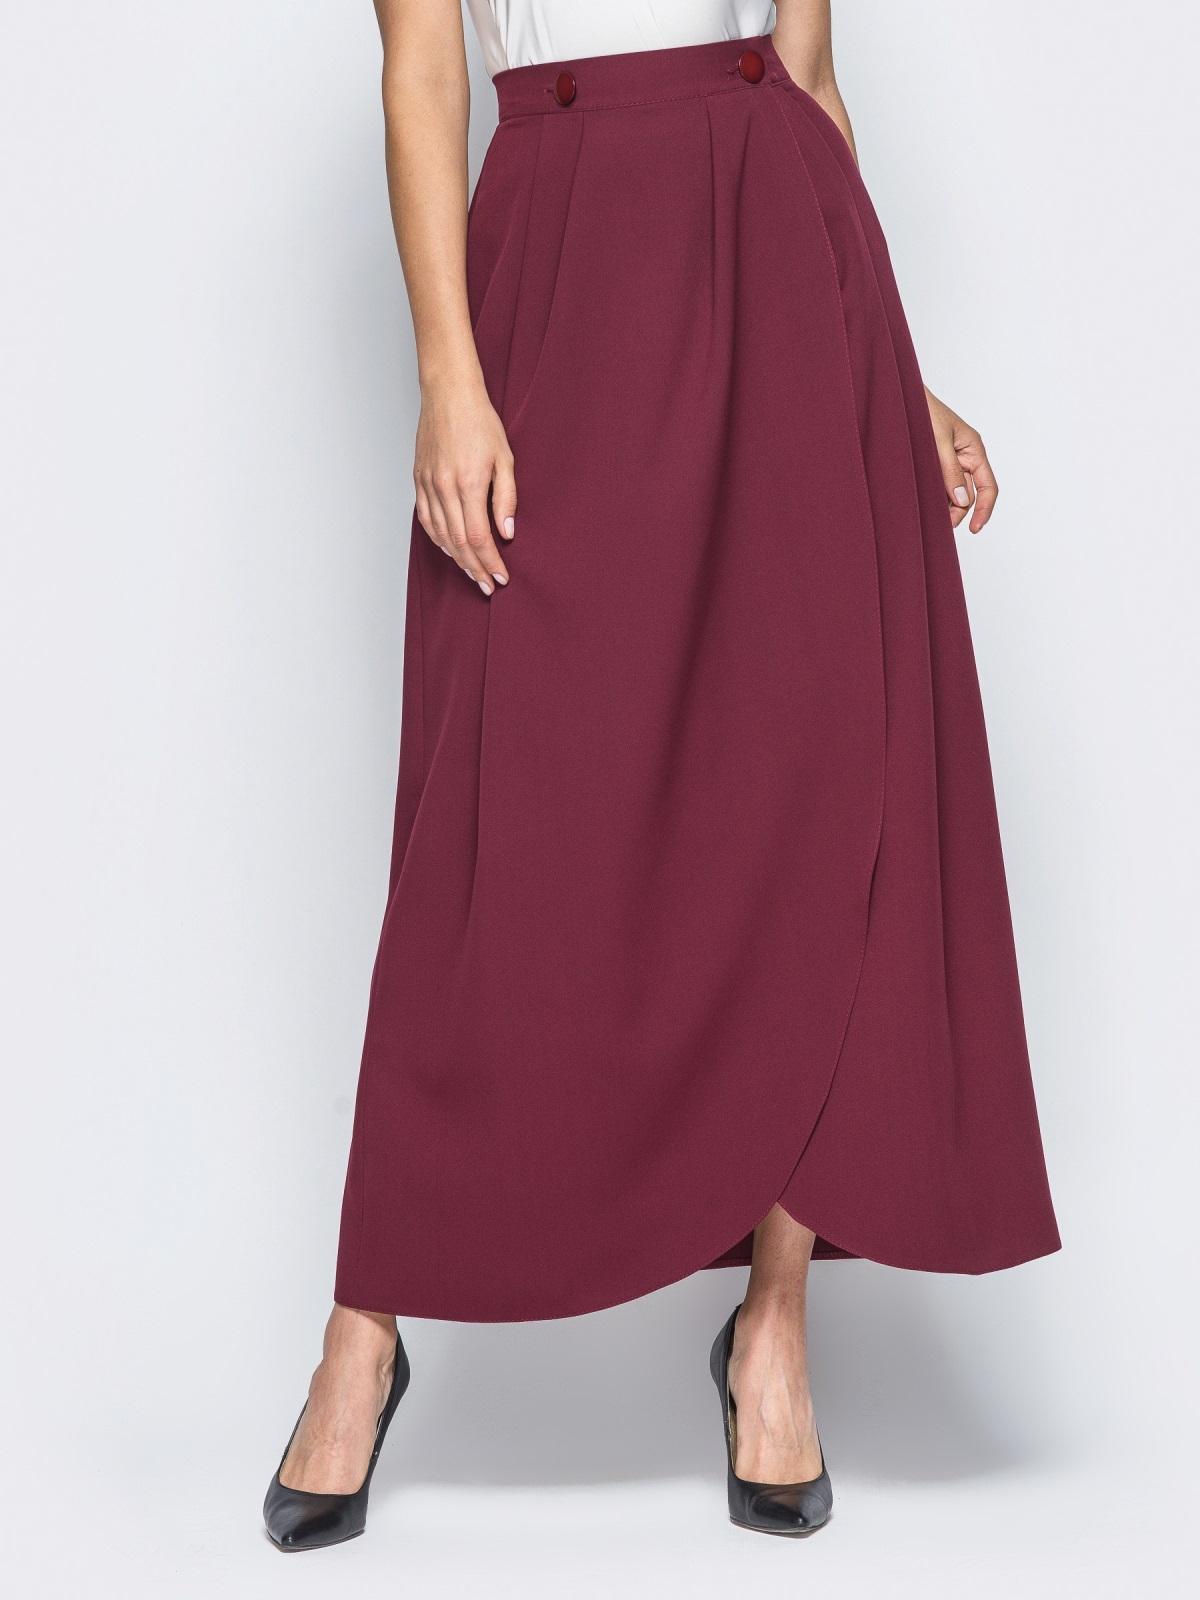 Юбка-макси бордового цвета на пуговицах - 16547, фото 1 – интернет-магазин Dressa